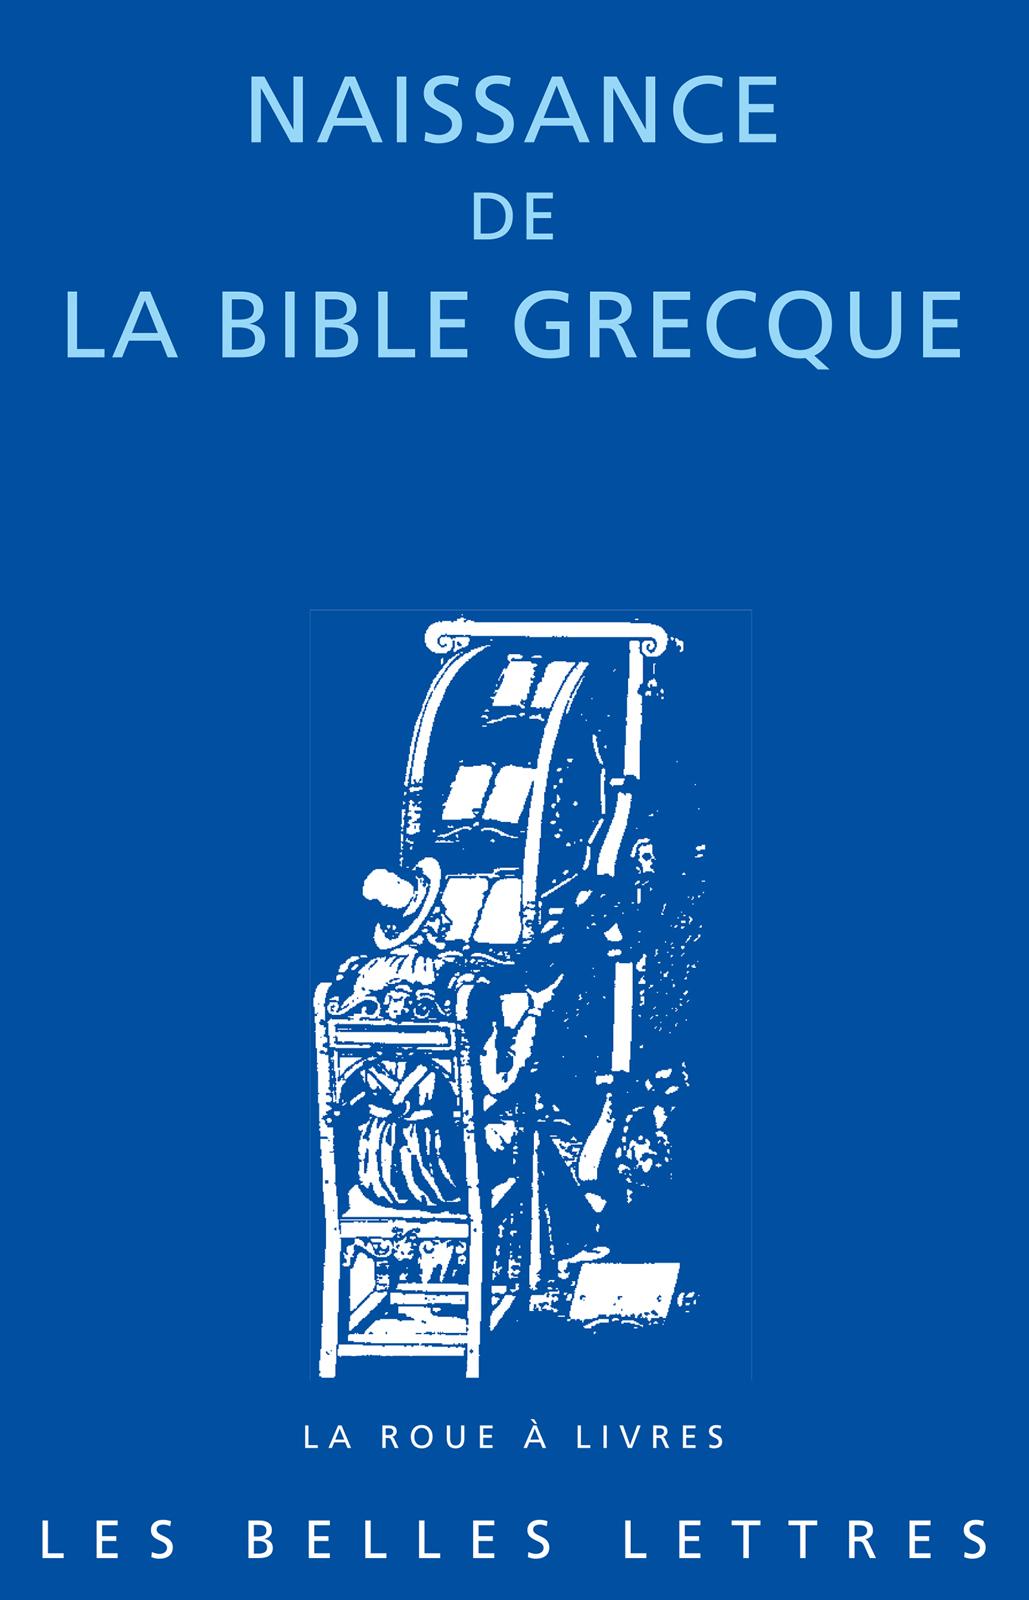 Naissance de la Bible grecque